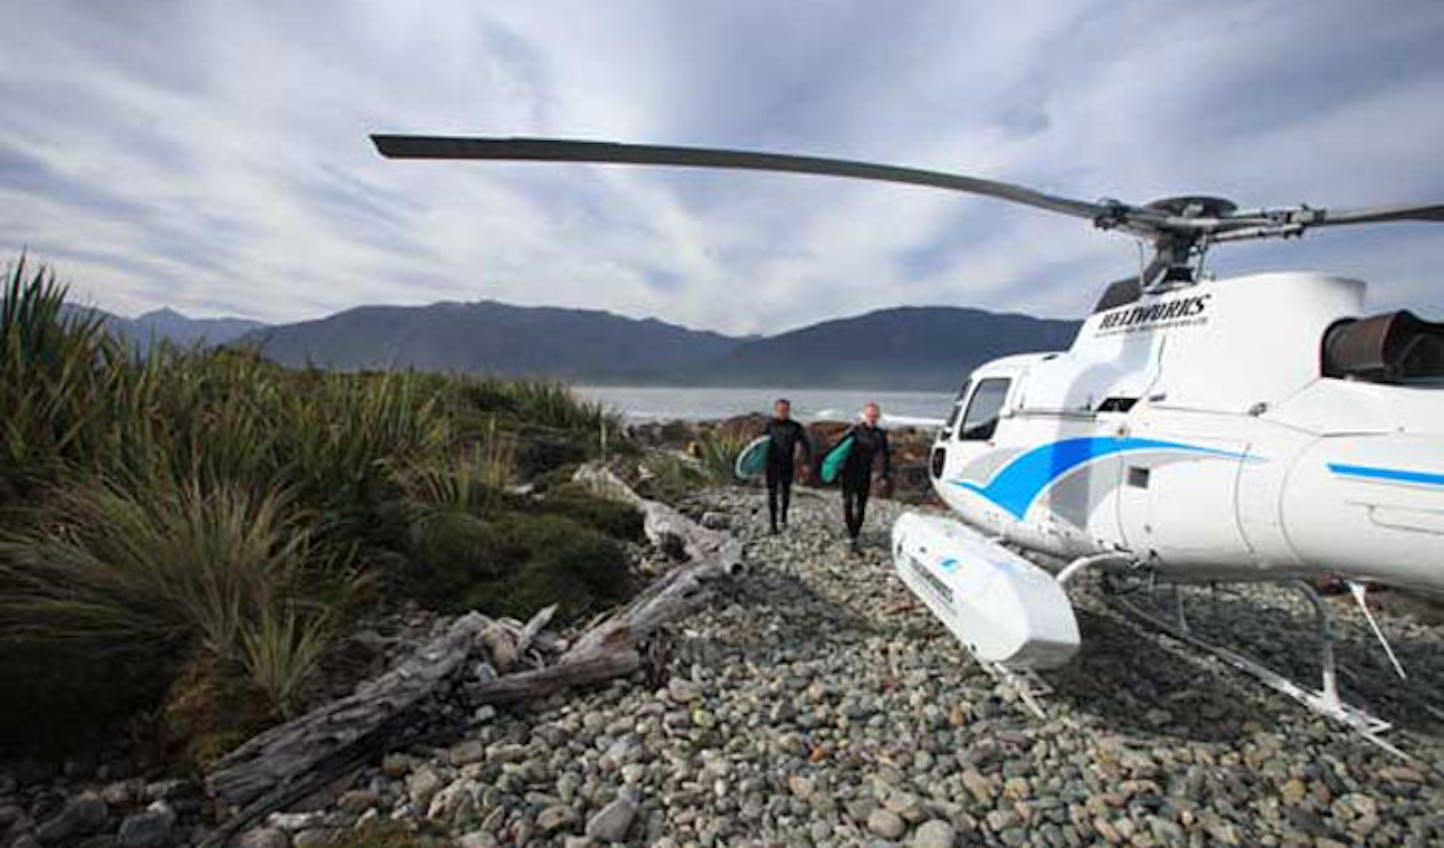 heli-surfing in New Zealand